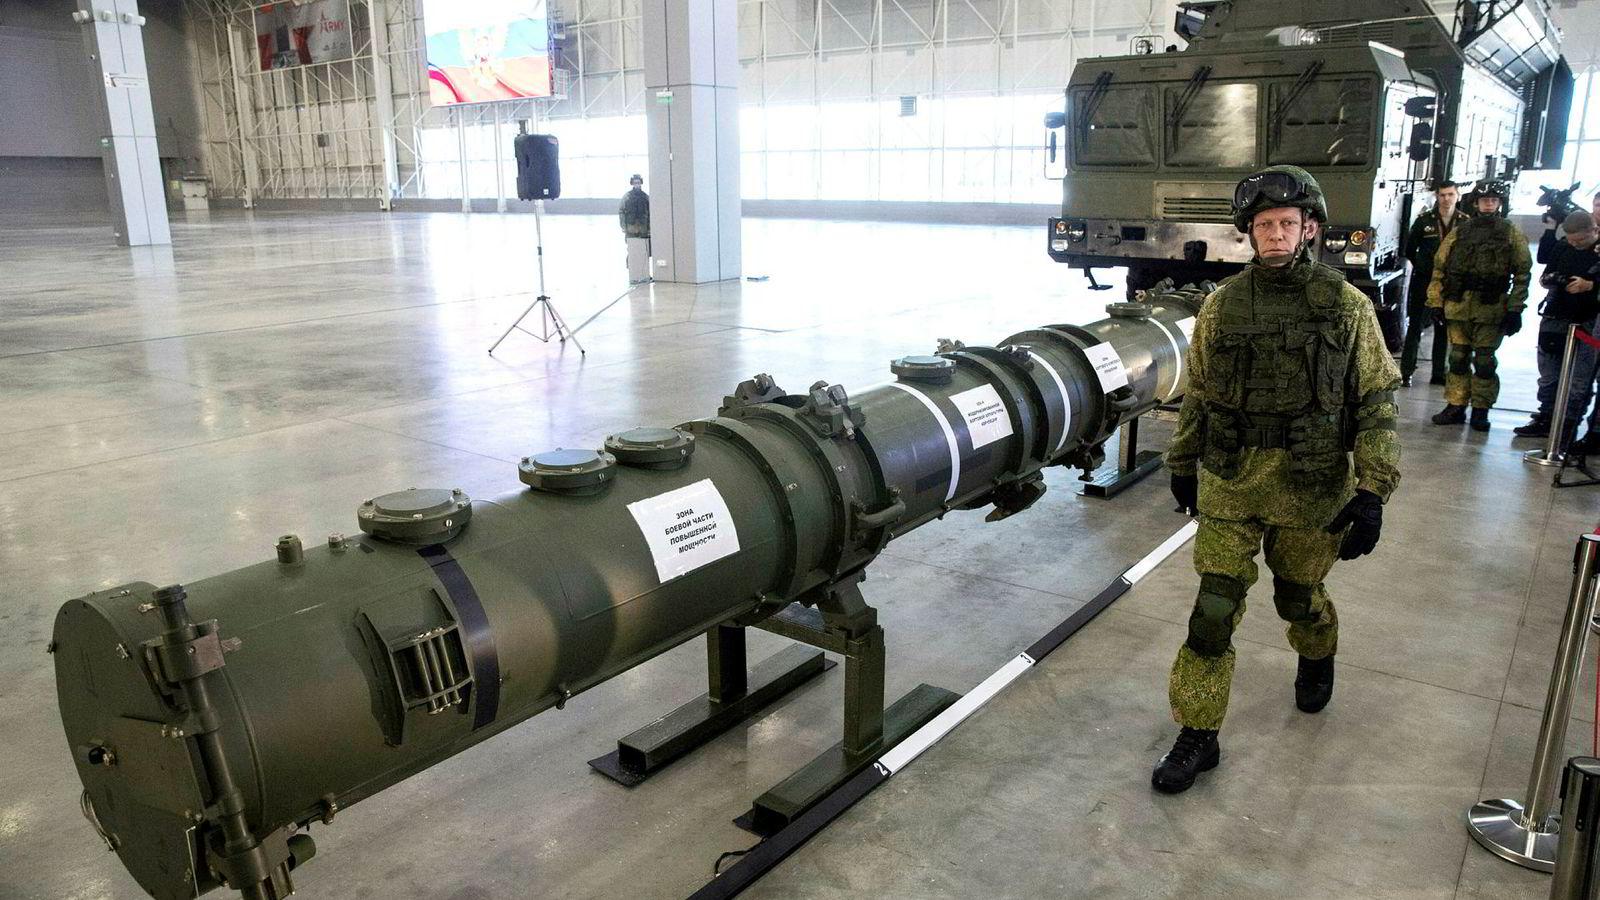 Natos forsvarsministere har gitt opp å redde avtalen som forbyr utplassering av landbaserte mellomdistanseraketter. USA og Russland trakk seg fra avtalen tidligere i år. Her ser vi det russiske kryssermissilet 9M729.